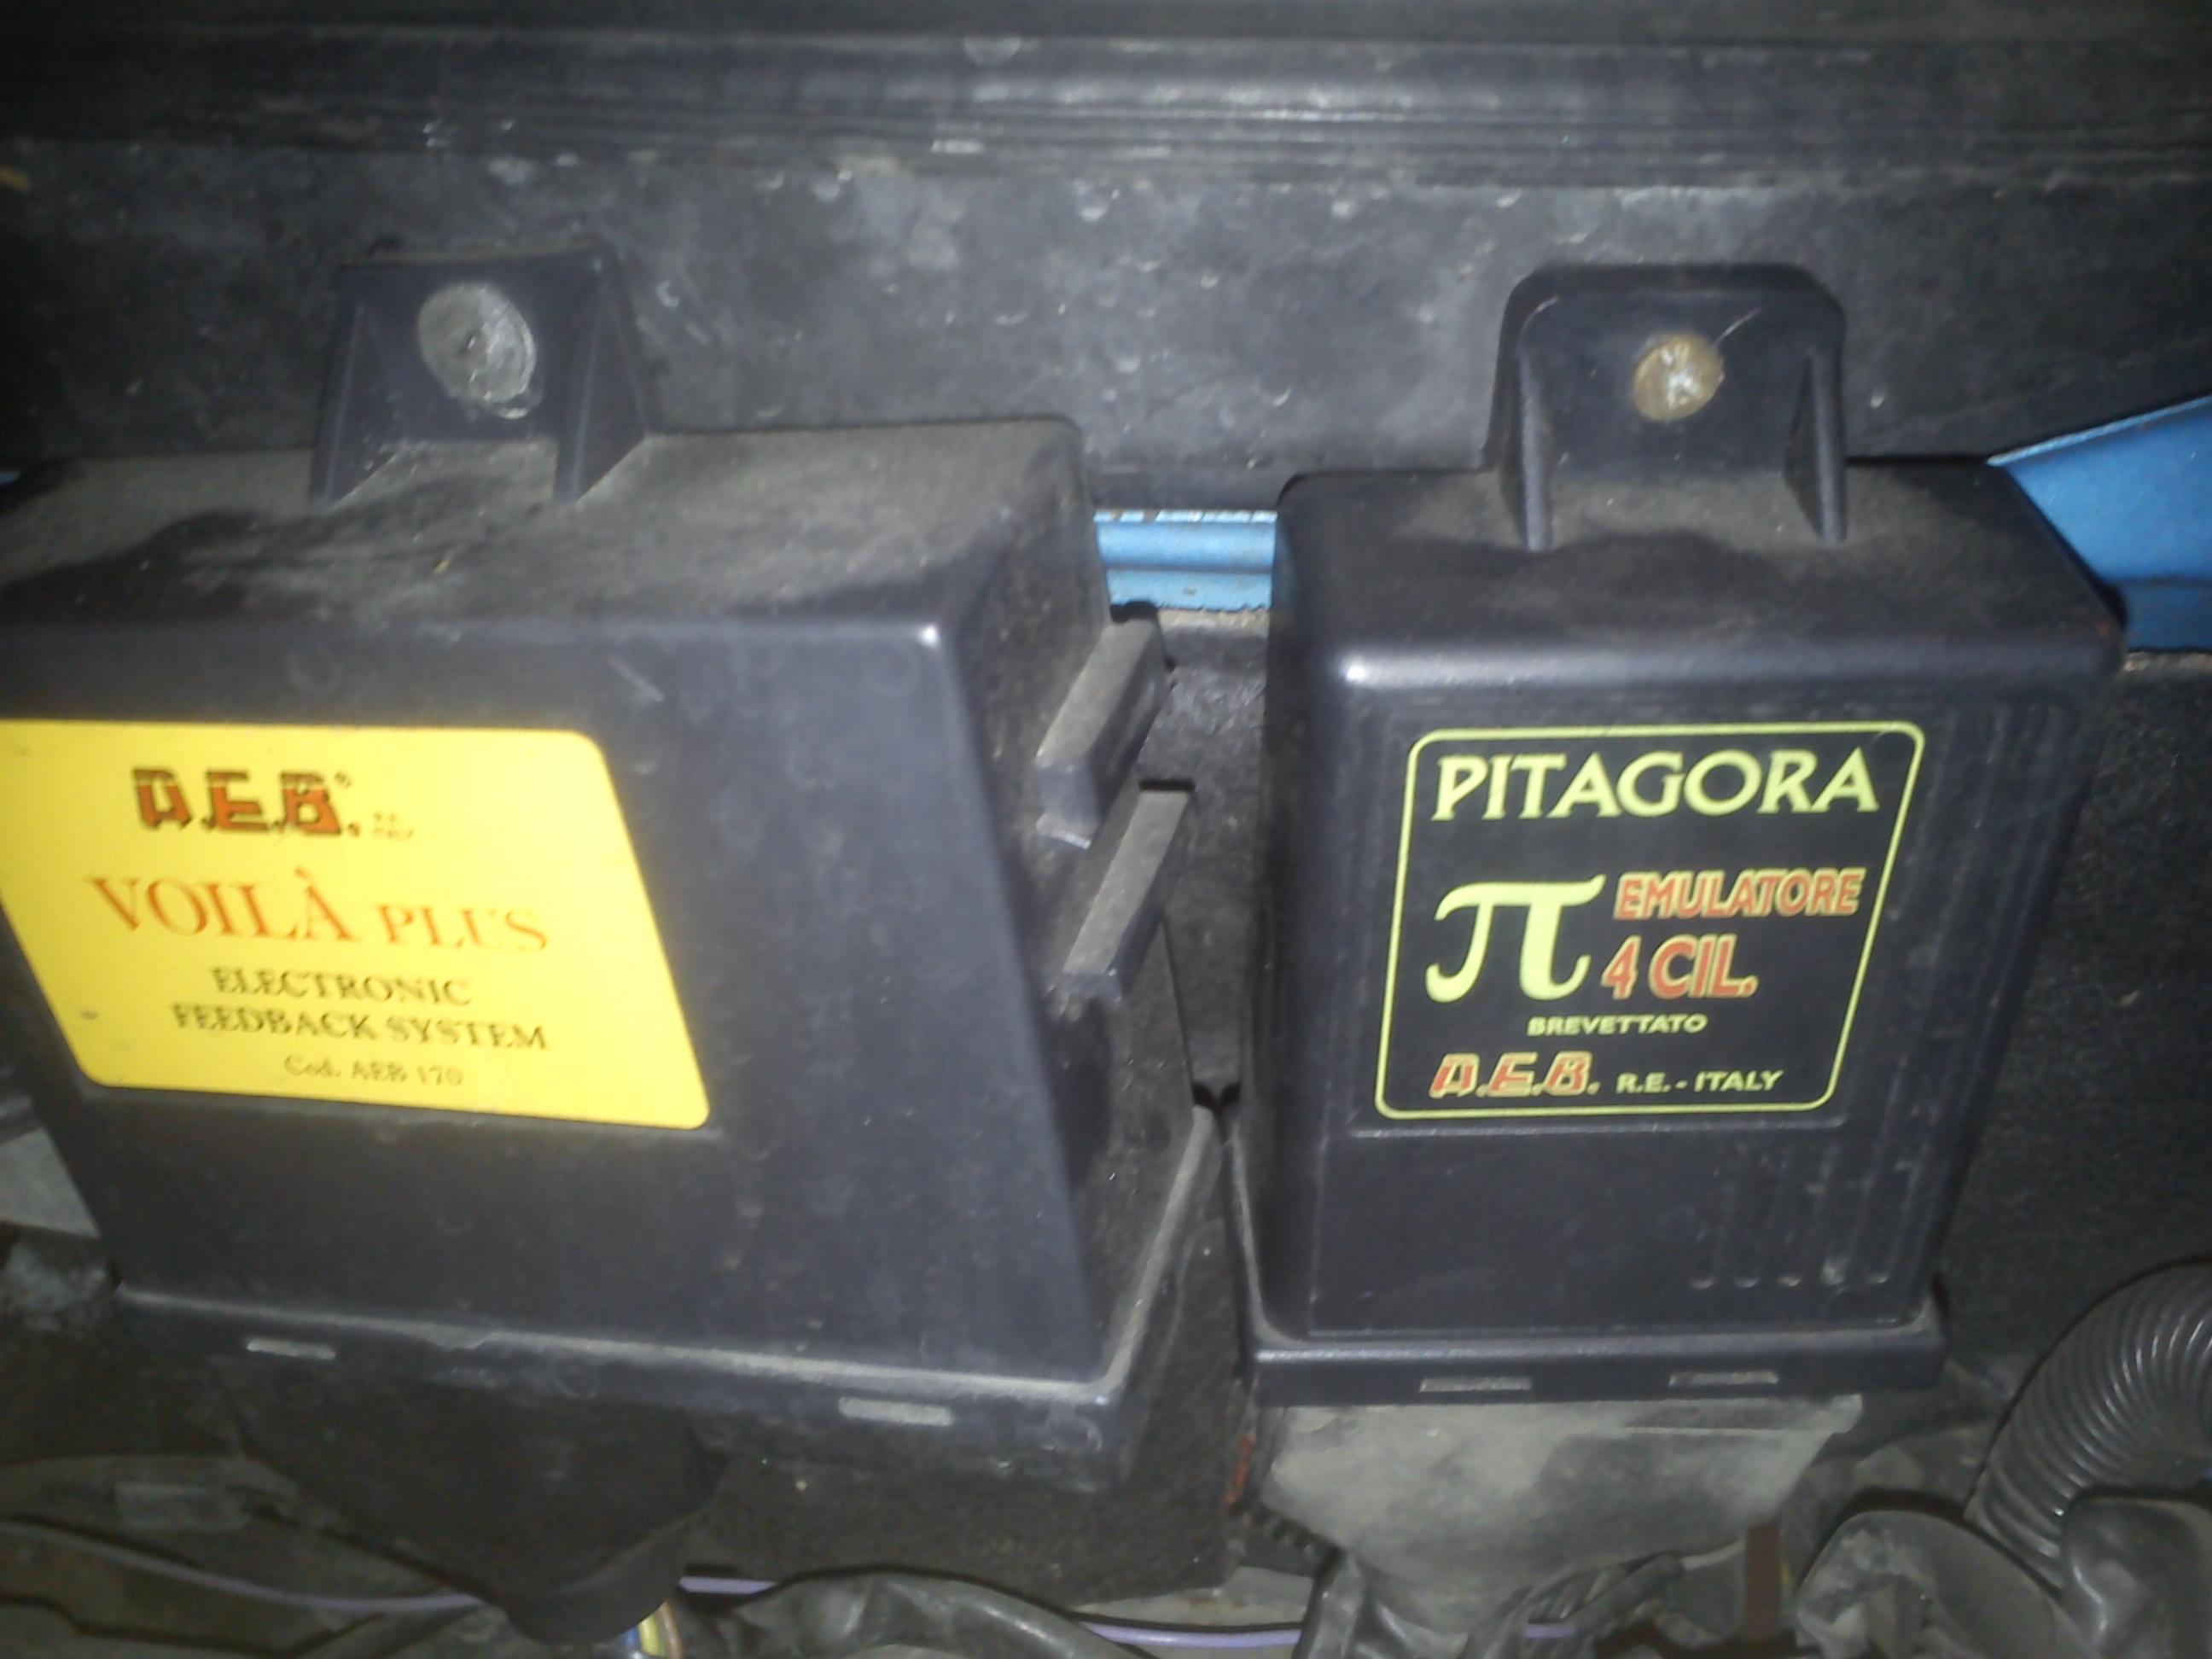 fiat punto 75 1.2 8v - problem z pracą na benzynie - szarpie